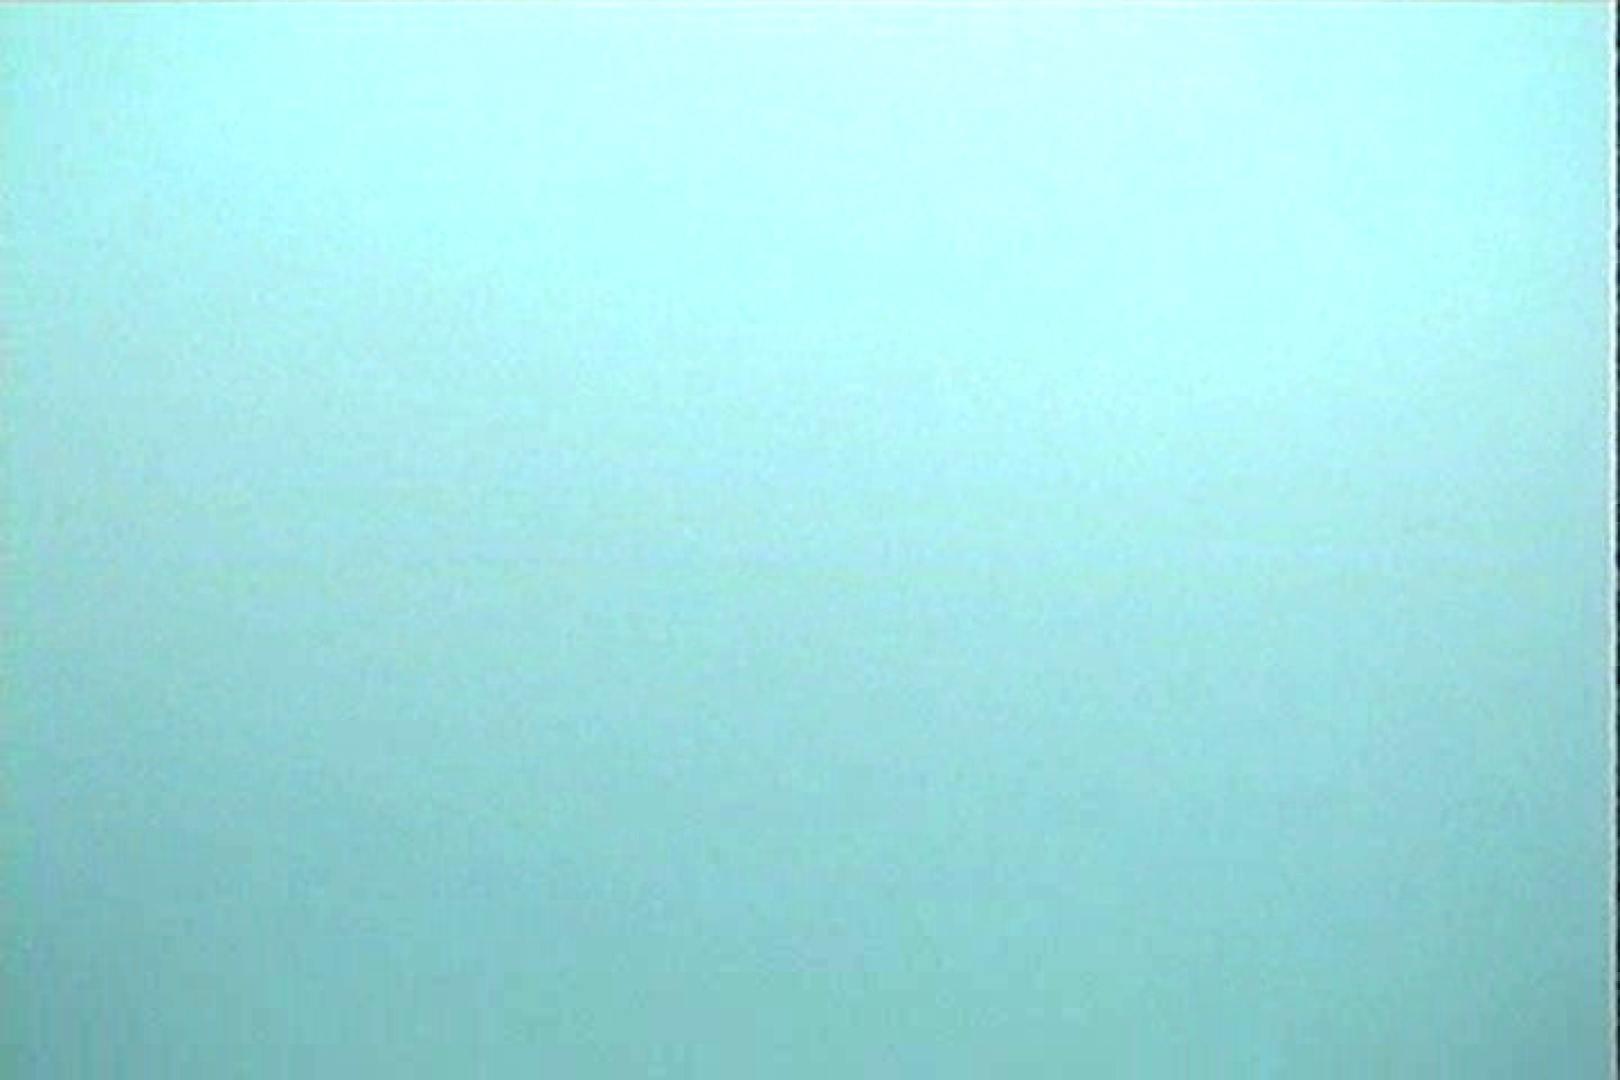 充血監督の深夜の運動会Vol.40 エロティックなOL 盗撮画像 90画像 42